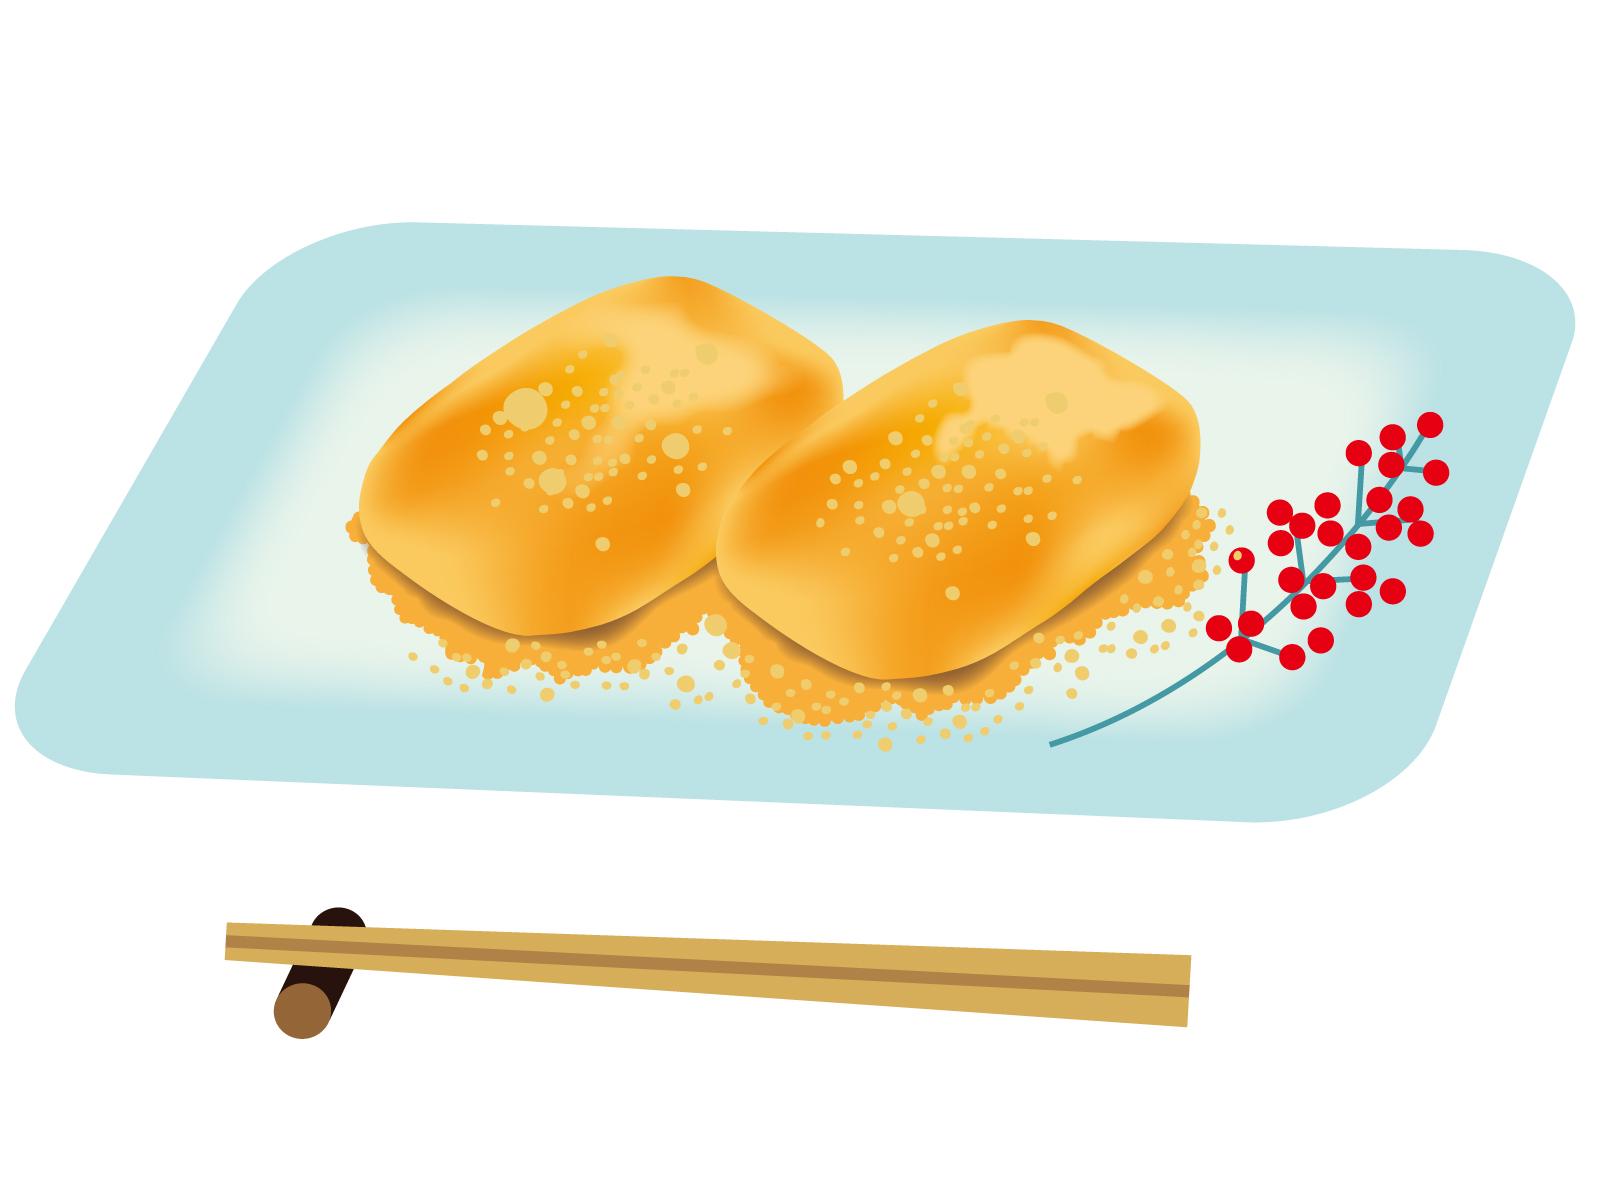 焼き餅をきなこもちにして食べるとおいしいね(´・ω・`)